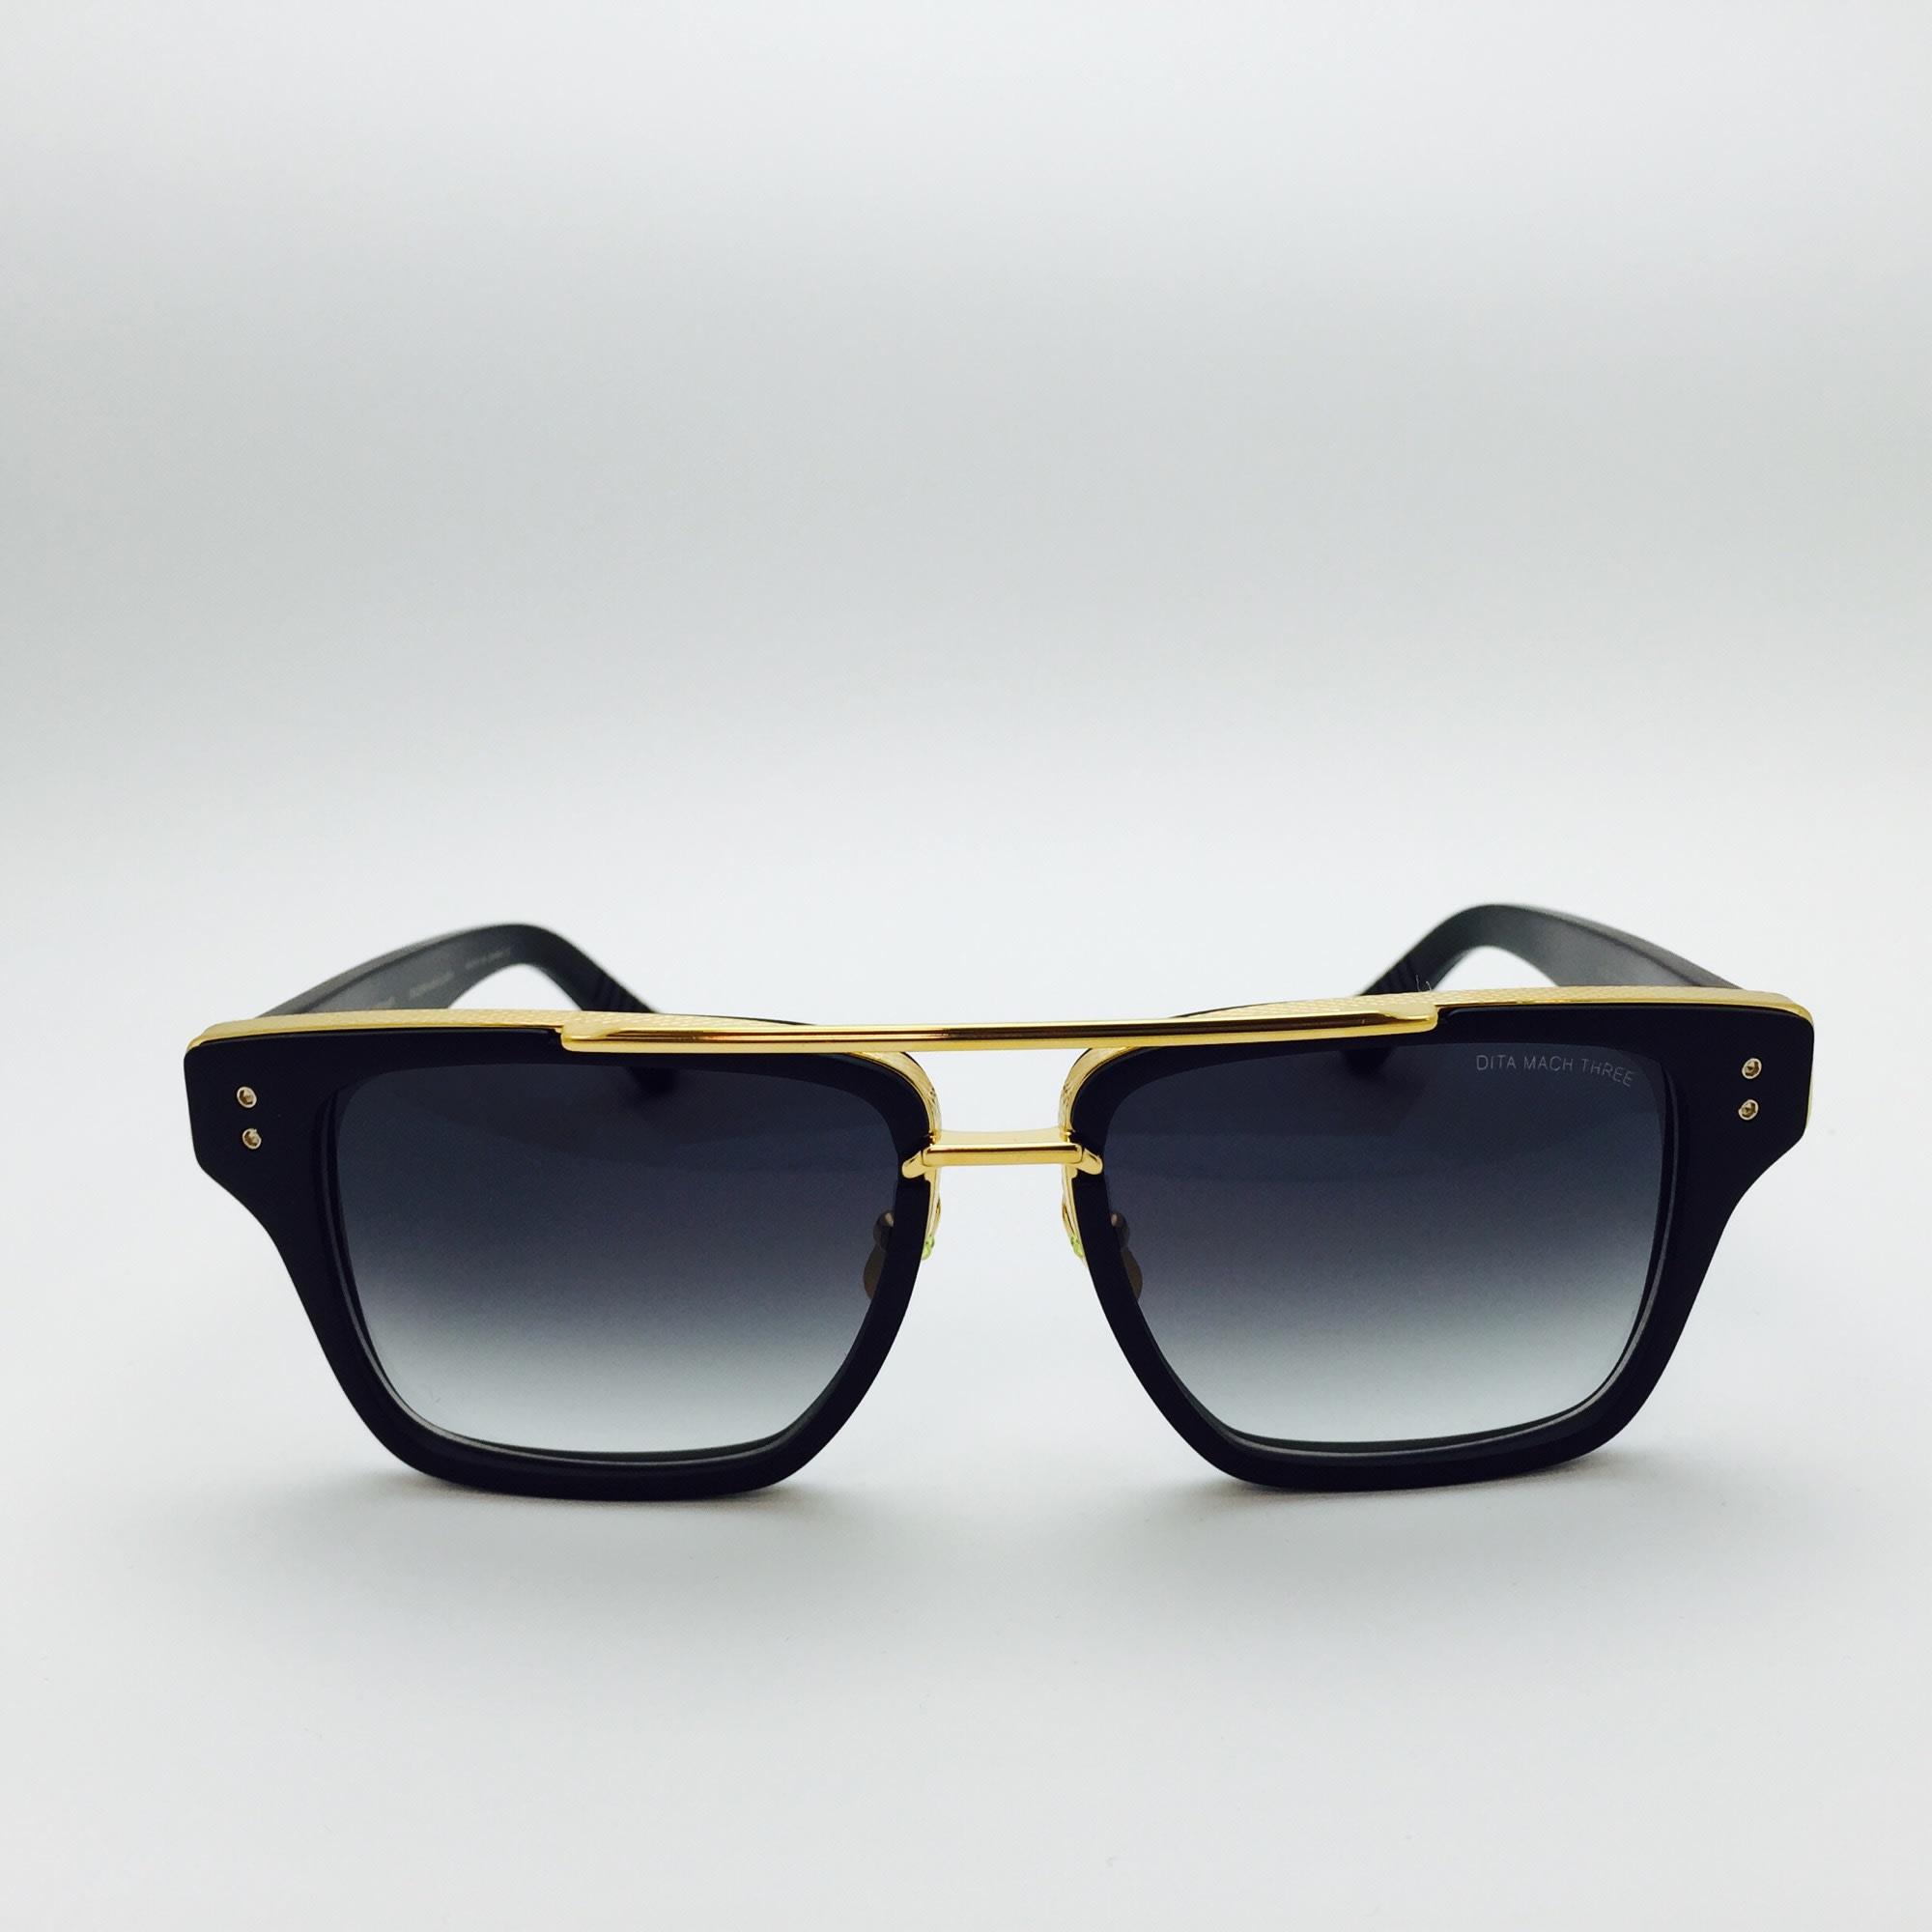 lunettes dita pas cher